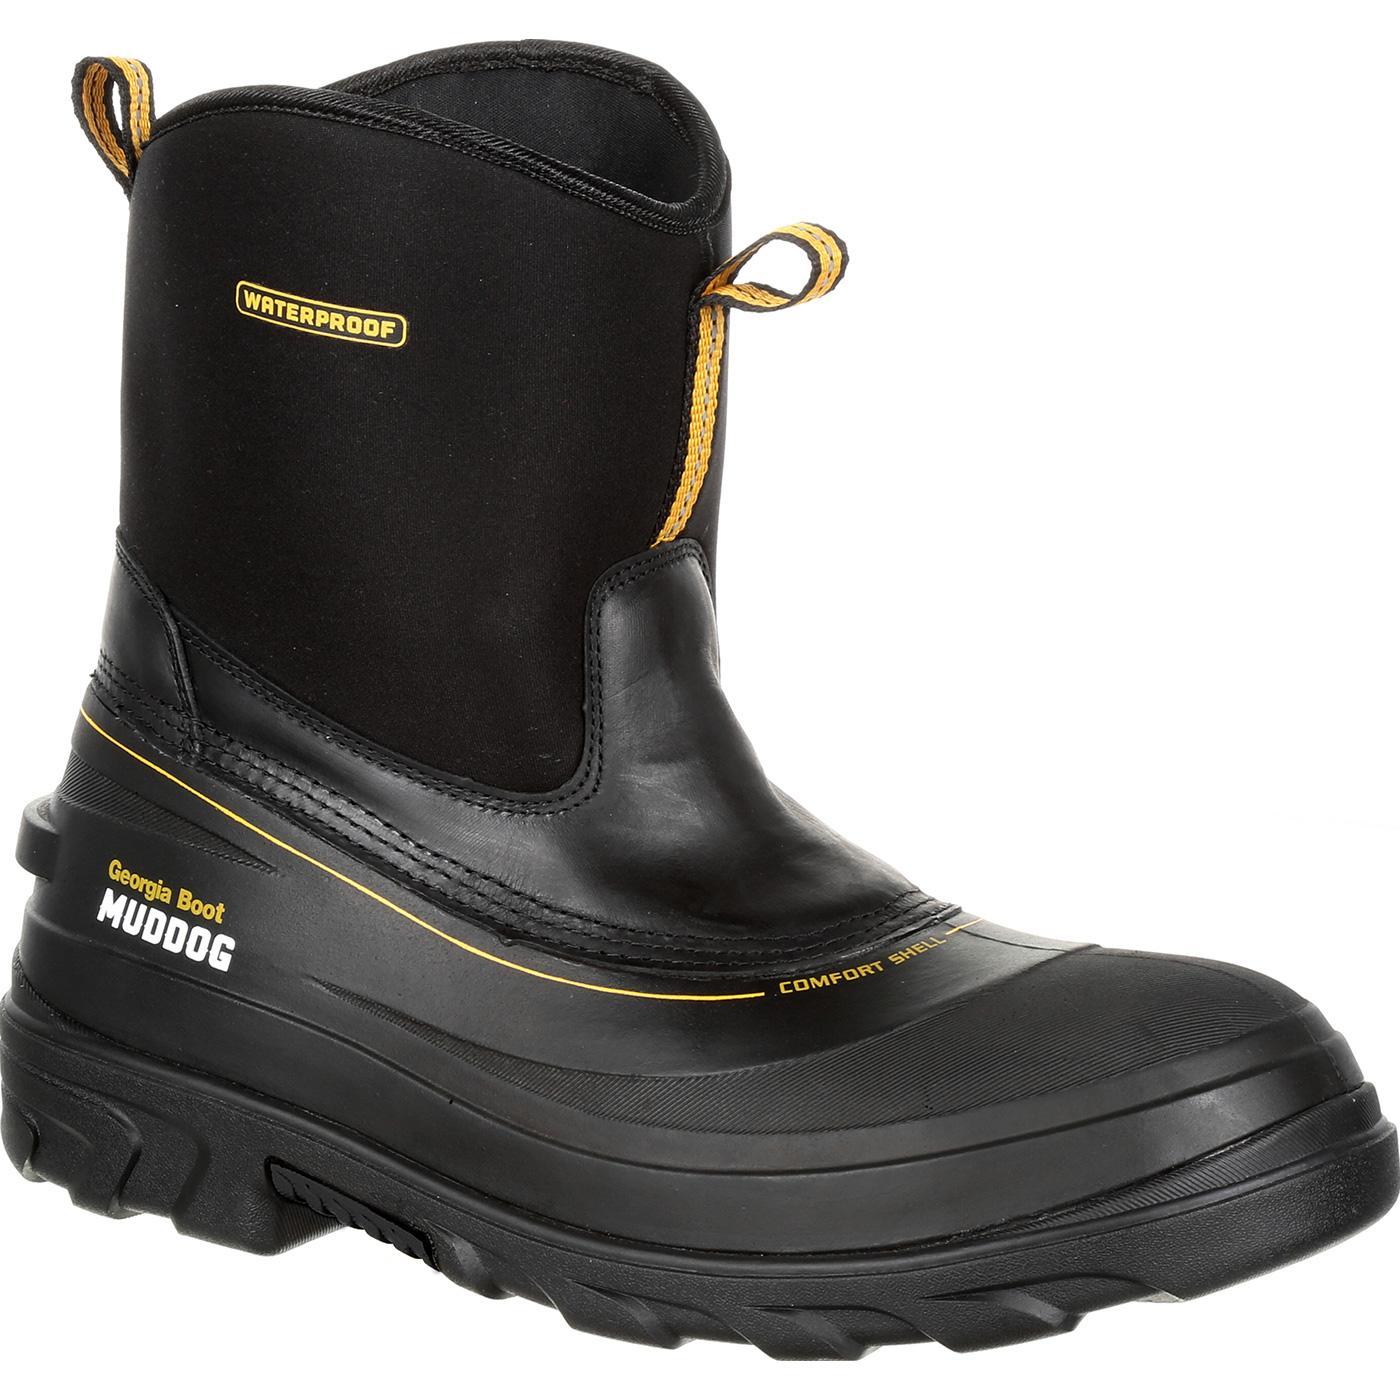 a5038e7bac5d Georgia Boot Muddog Waterproof Work Wellington. »